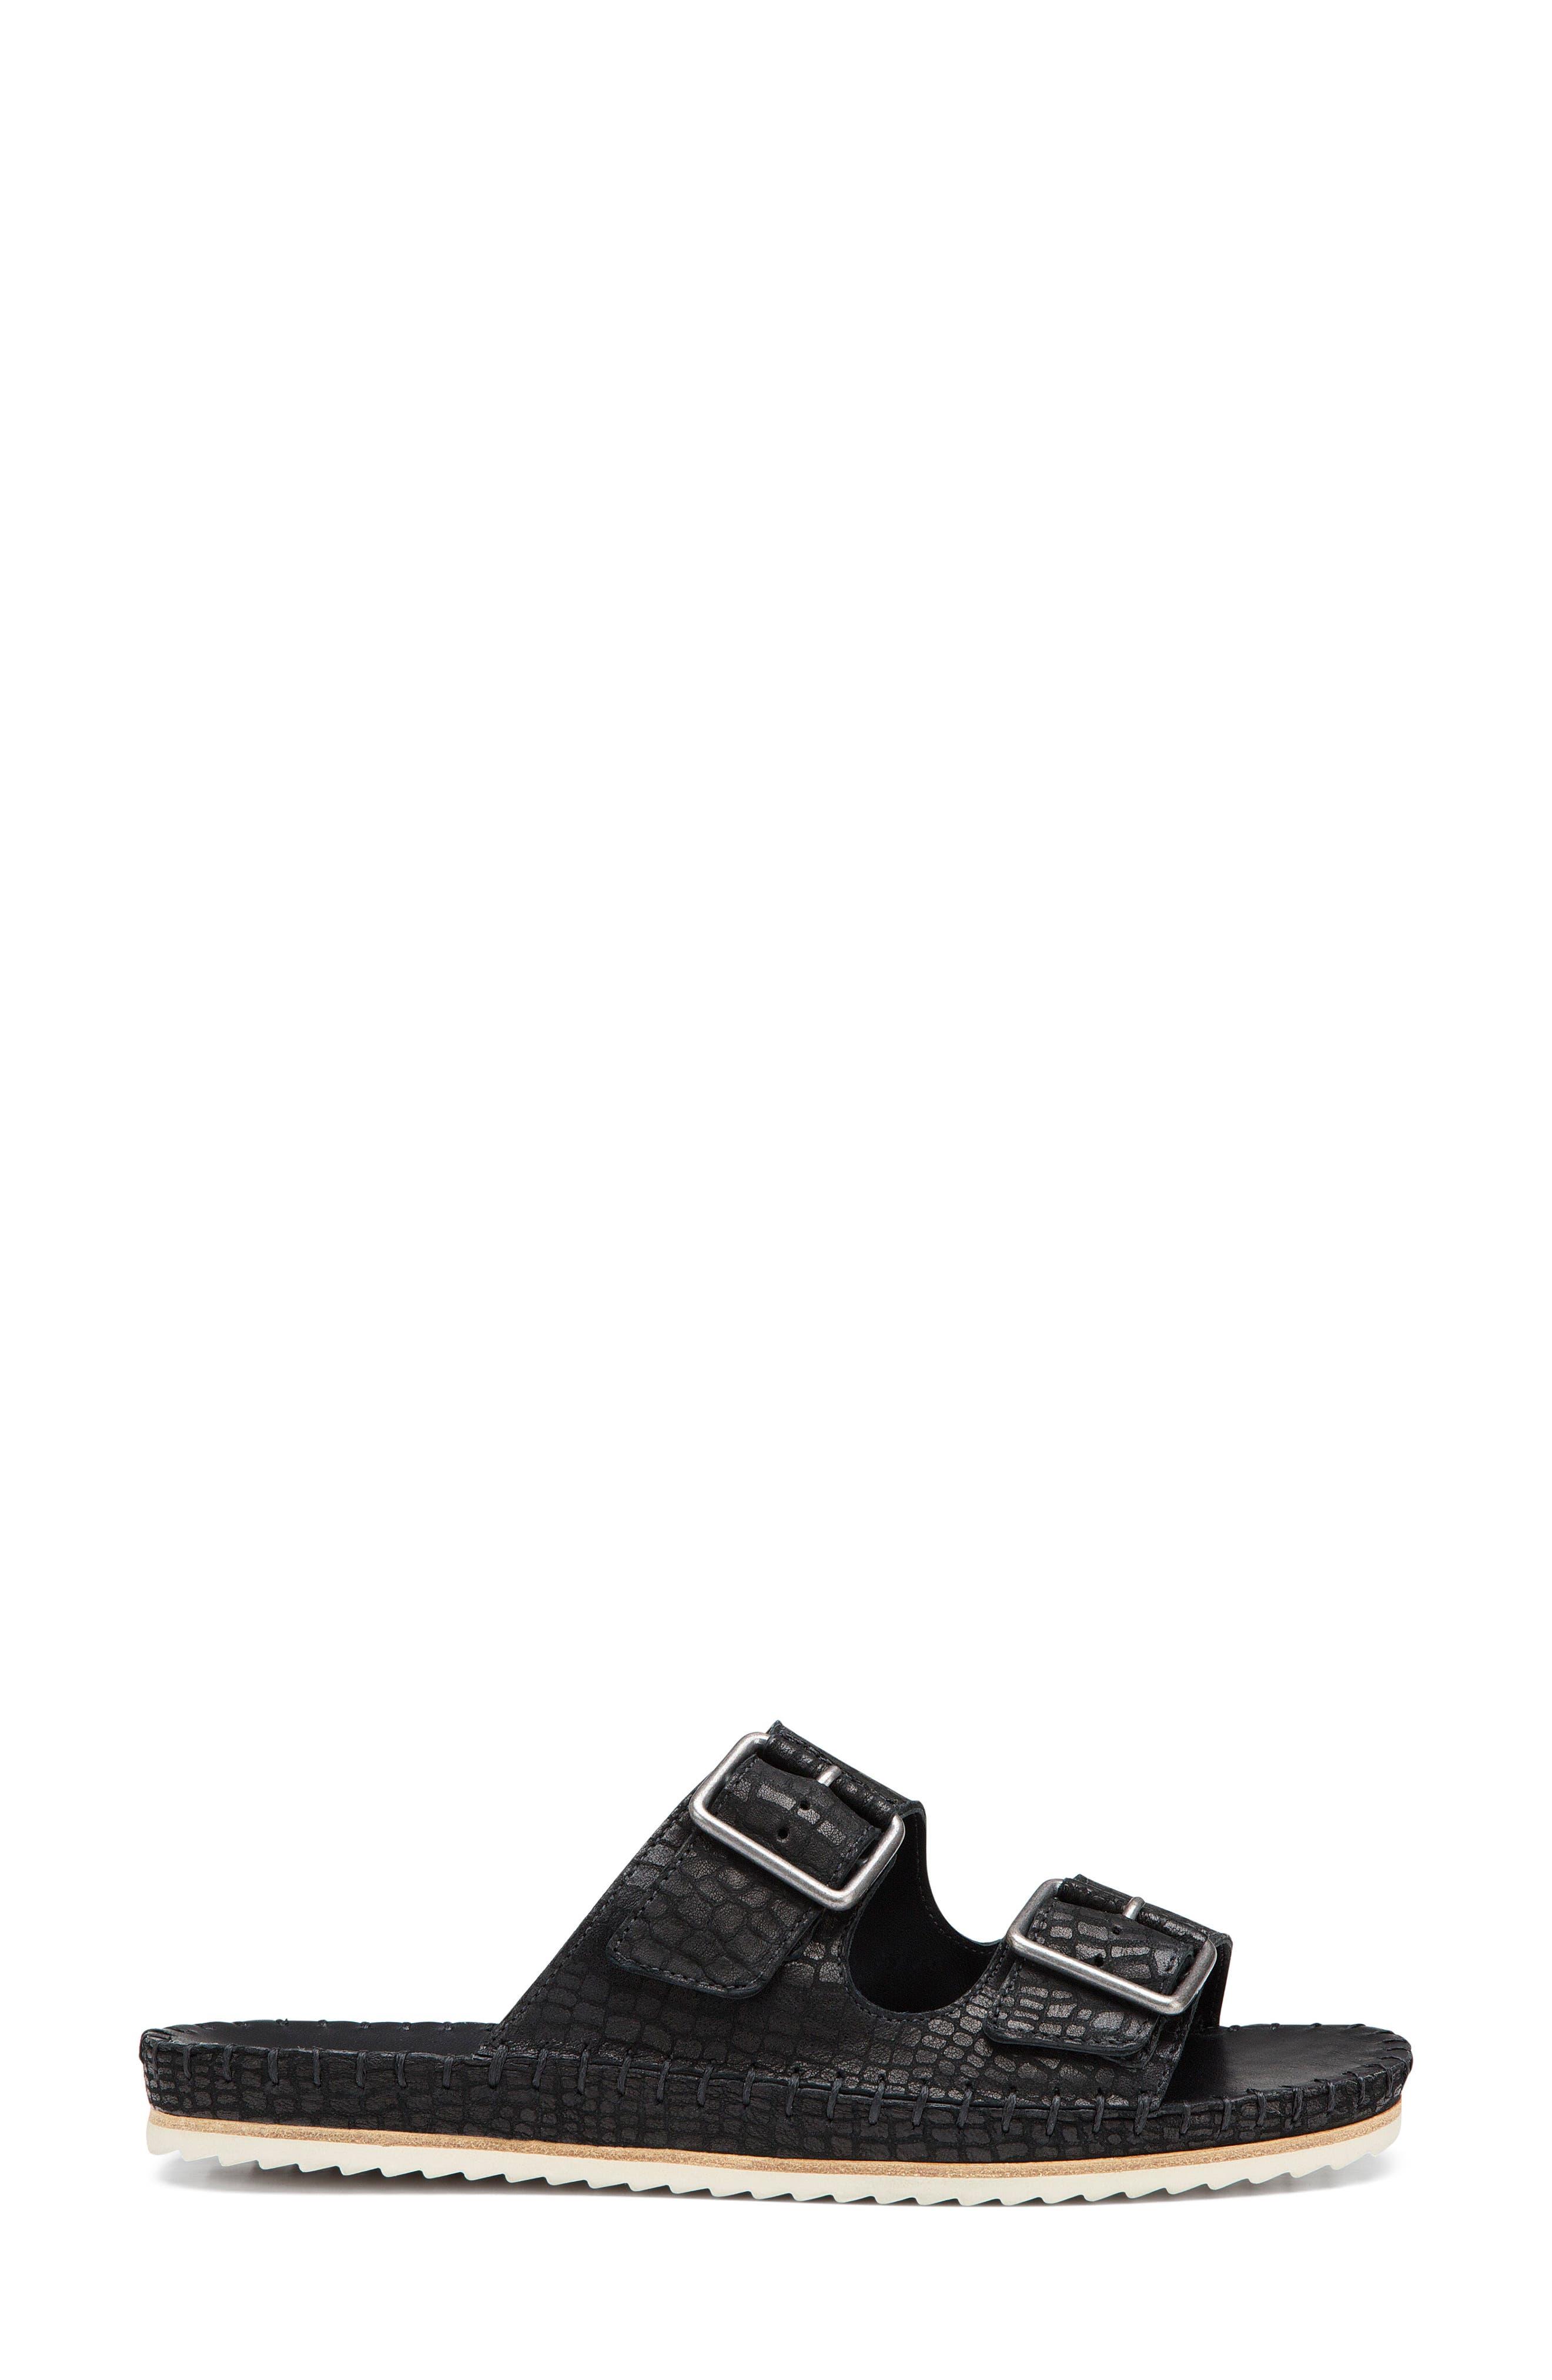 Carli Slide Sandal,                             Alternate thumbnail 3, color,                             BLACK EMBOSSED LEATHER